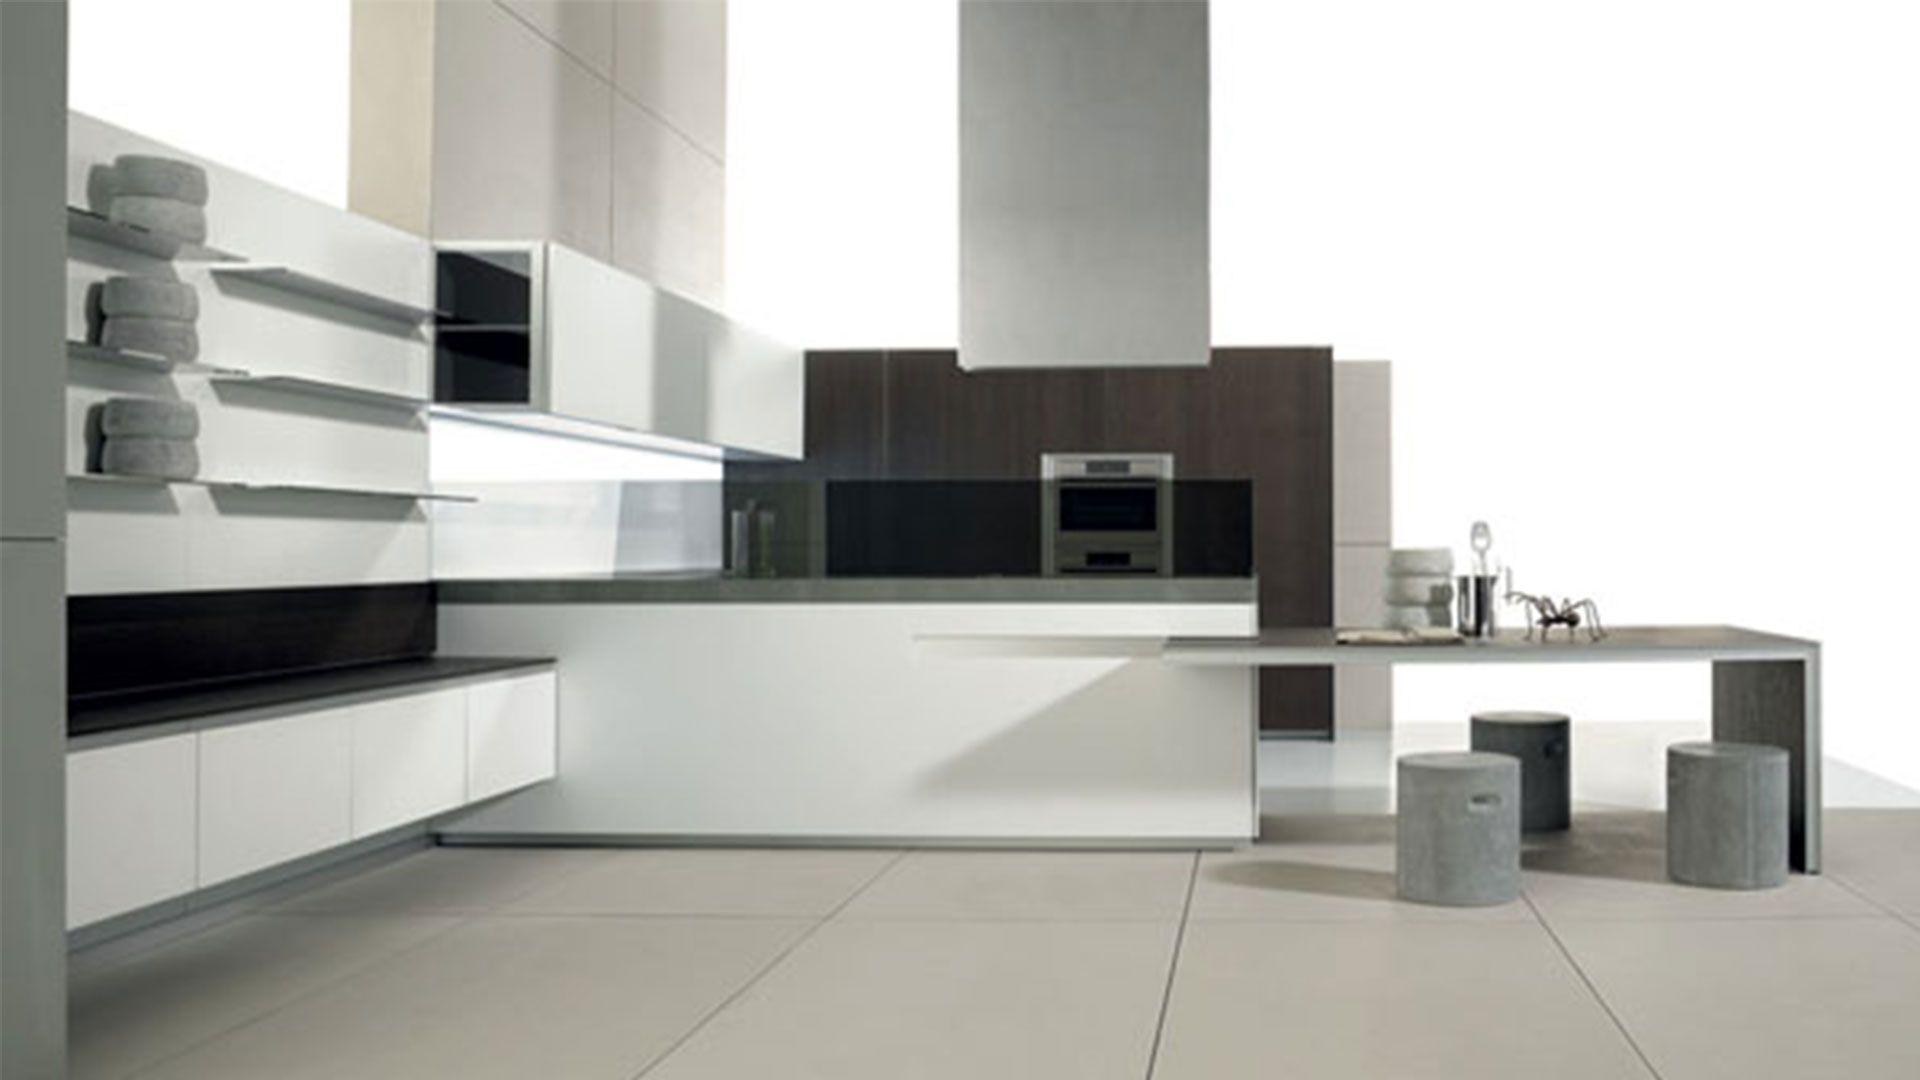 Kitchen Island 2014 Elegant Kitchen Designnew Kitchen Designs Unique Interior Design Kitchens 2014 Design Inspiration